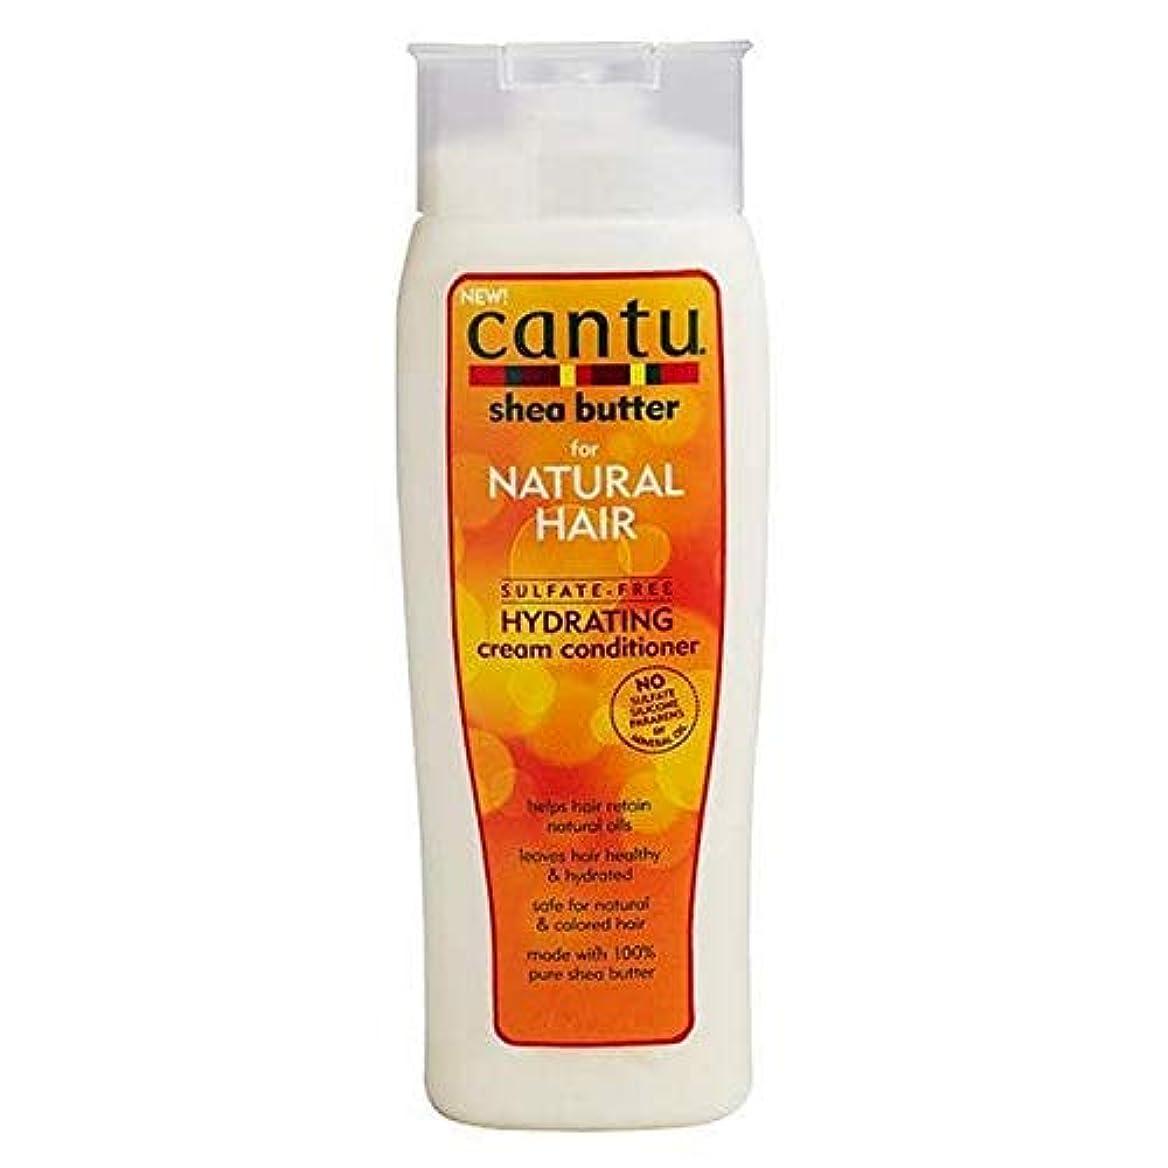 トロピカルしつけパラナ川[Cantu ] カントゥ硫酸フリーの水和クリームコンディショナー400ミリリットル - Cantu Sulfate-Free Hydrating Cream Conditioner 400ml [並行輸入品]